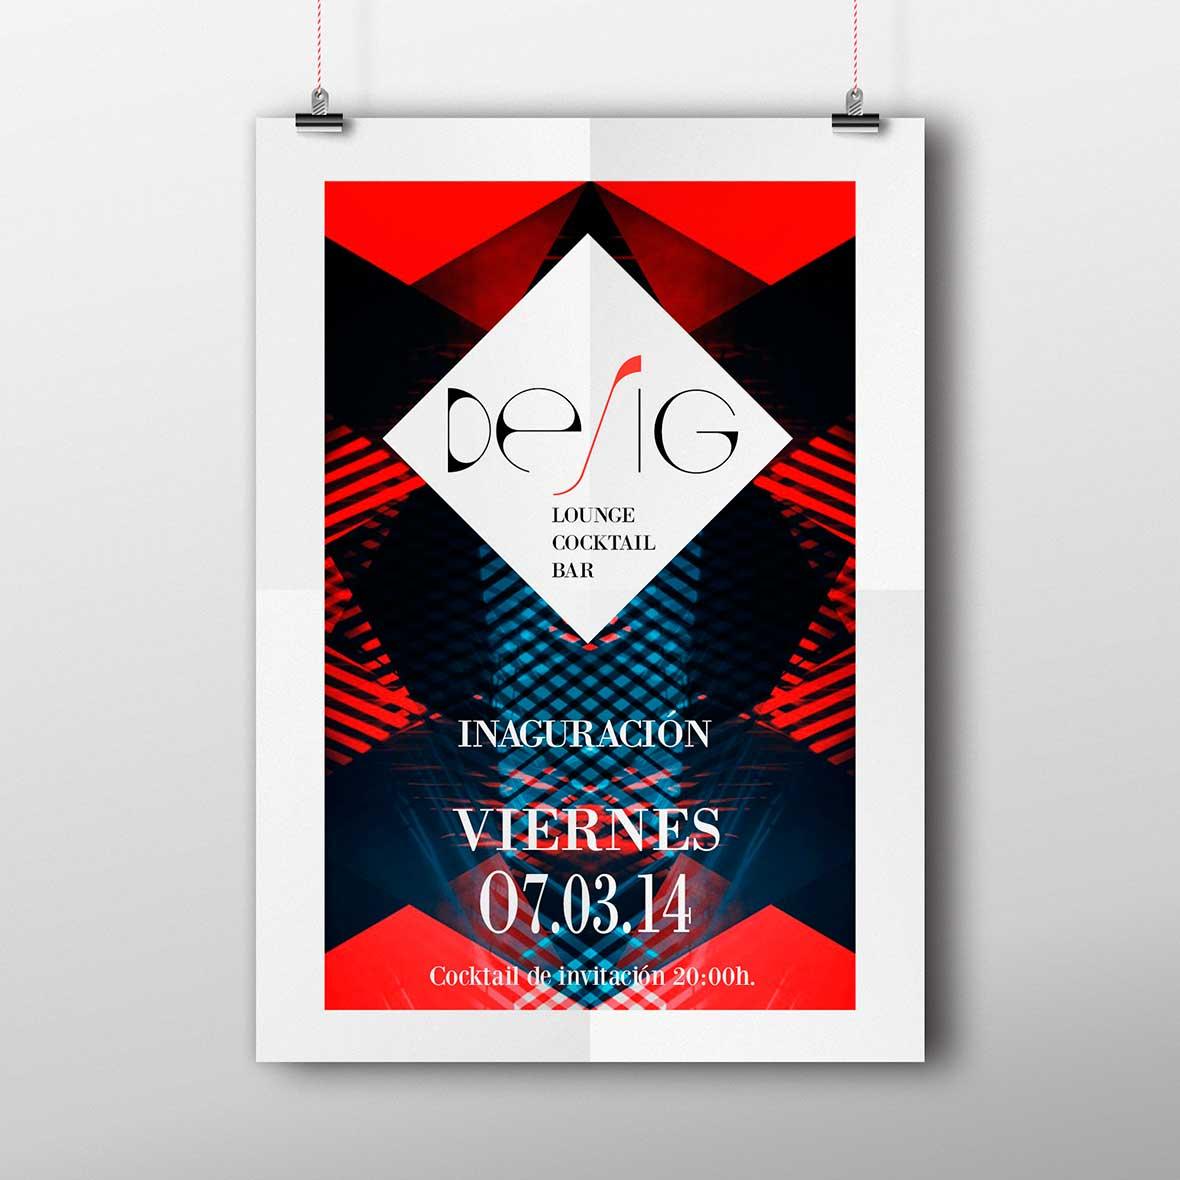 poster_mockup-desig